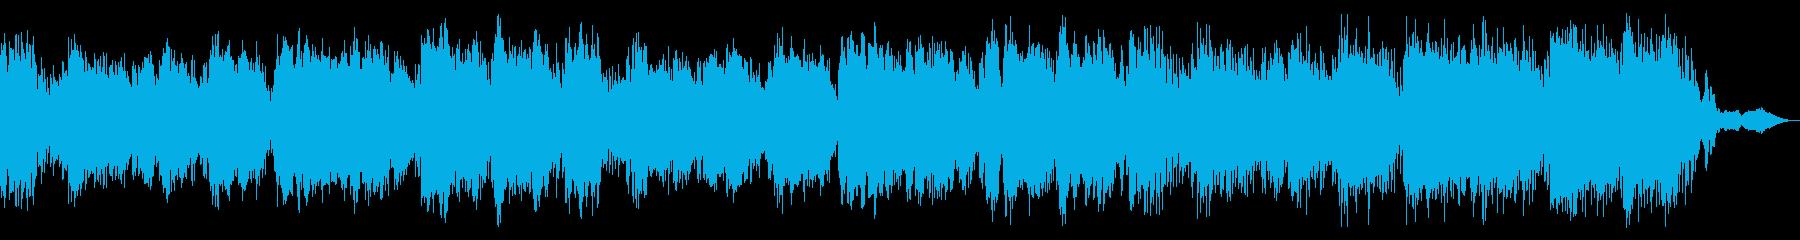 美しく神秘的な深海を流れるようなビオラの再生済みの波形